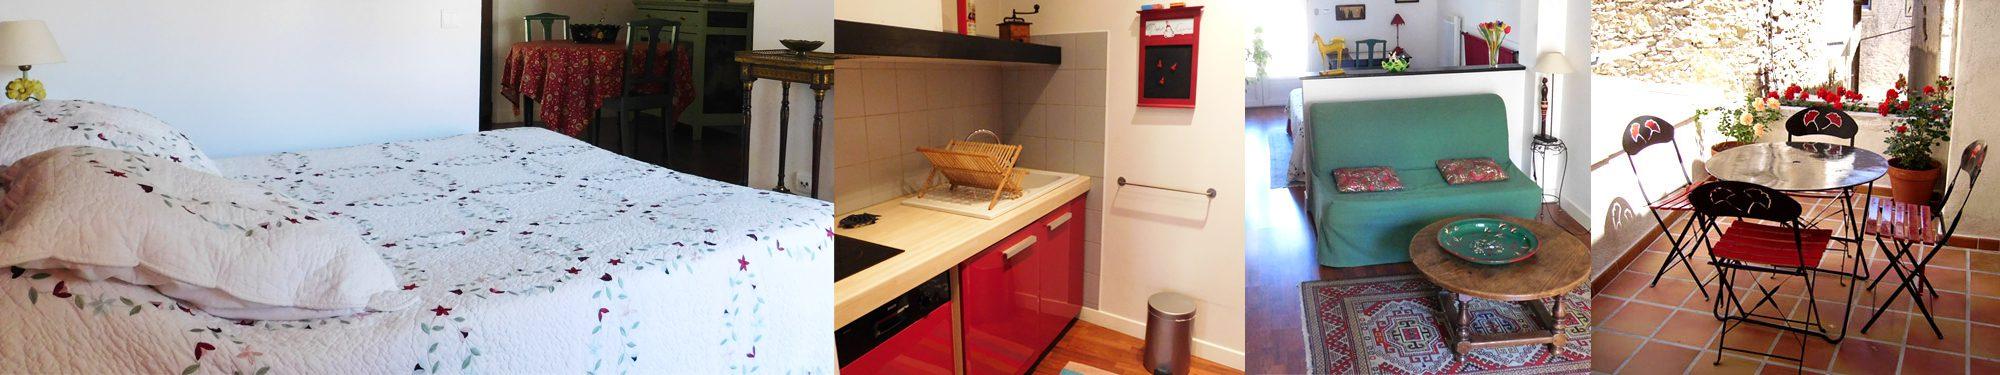 Le meublé «Chez Marguerite» – Chambres d'hôtes Hue le Vent, La Digne-d'Amont